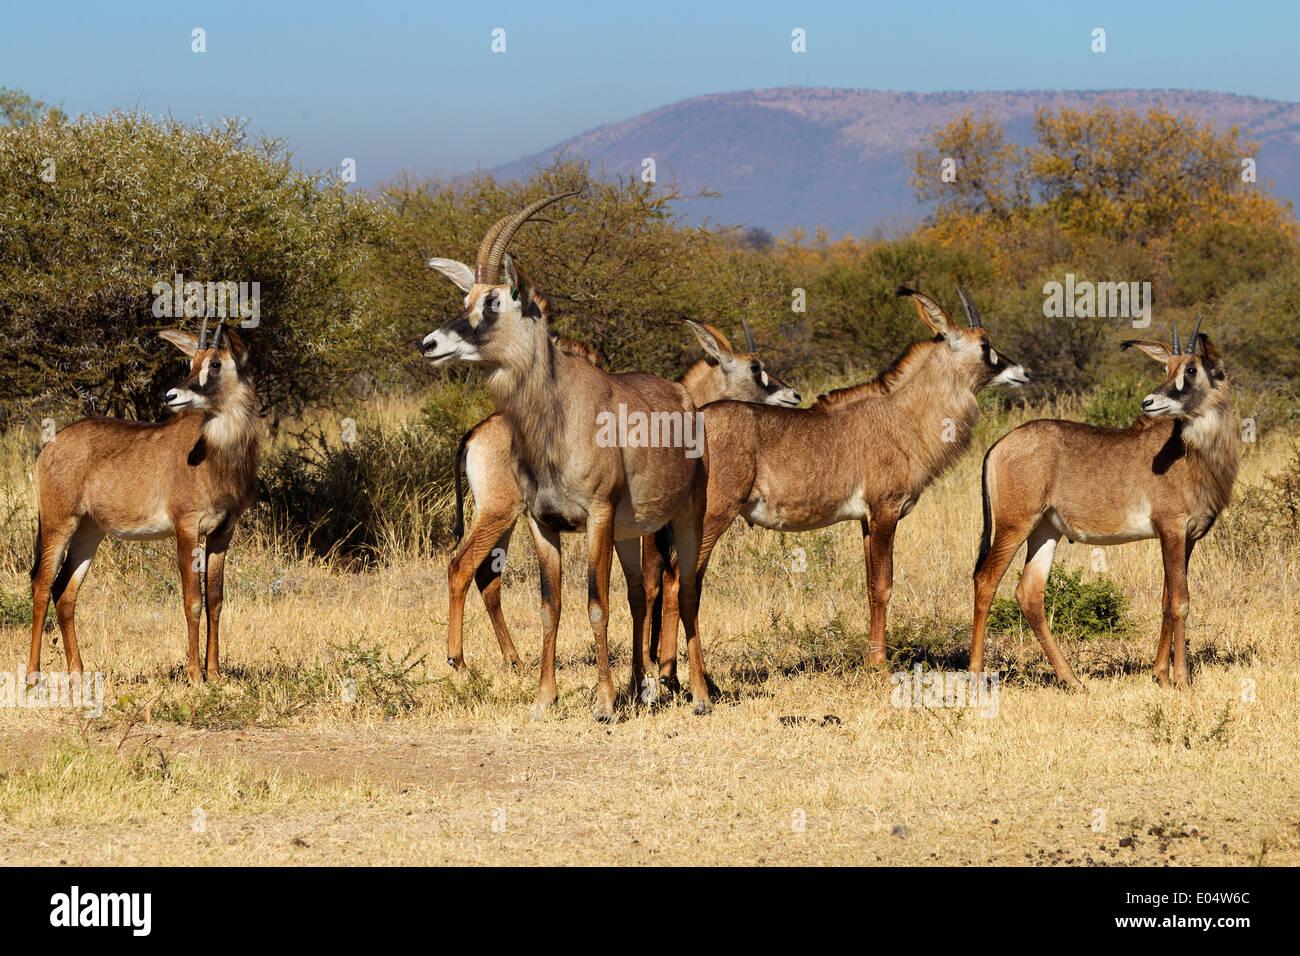 L'antilope rouanne (Hippotragus equinus).Groupe de femelles et de juvéniles.Afrique du Sud Banque D'Images